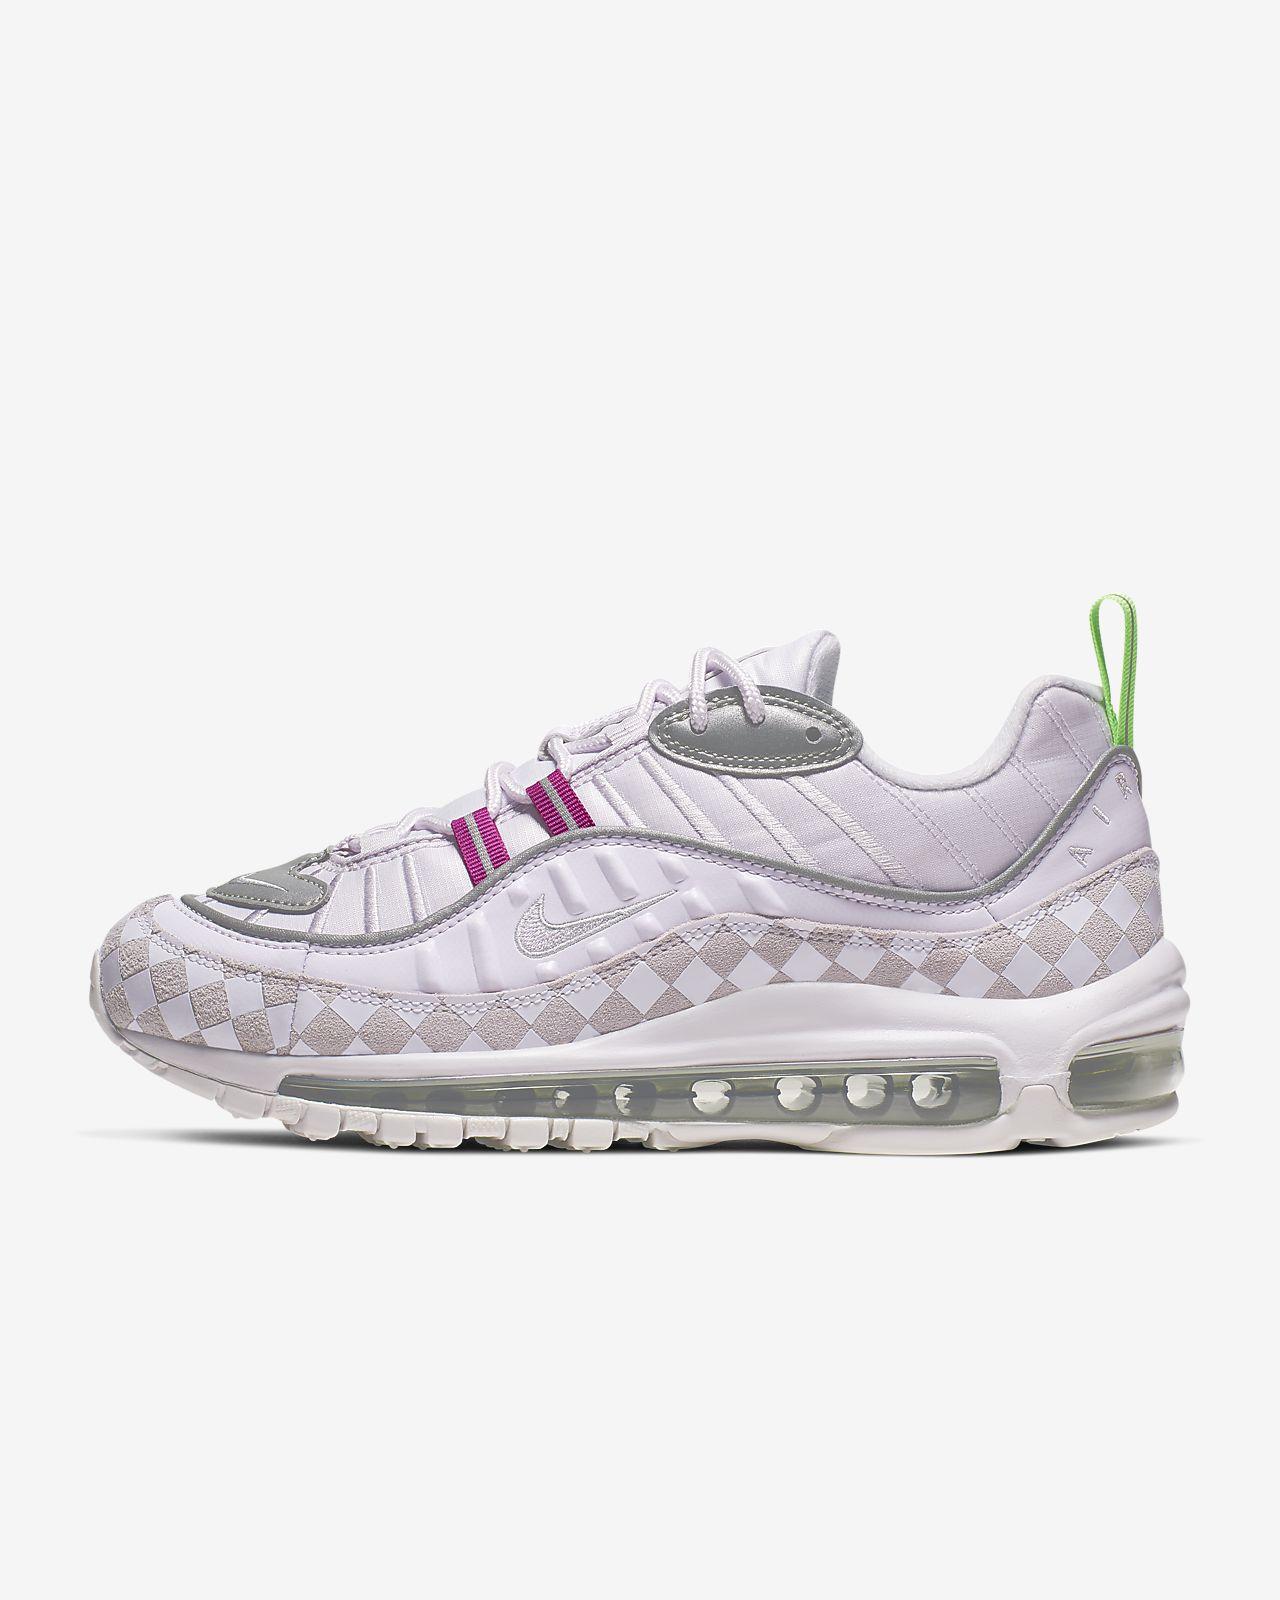 Rutmönstrad sko Nike Air Max 98 för kvinnor